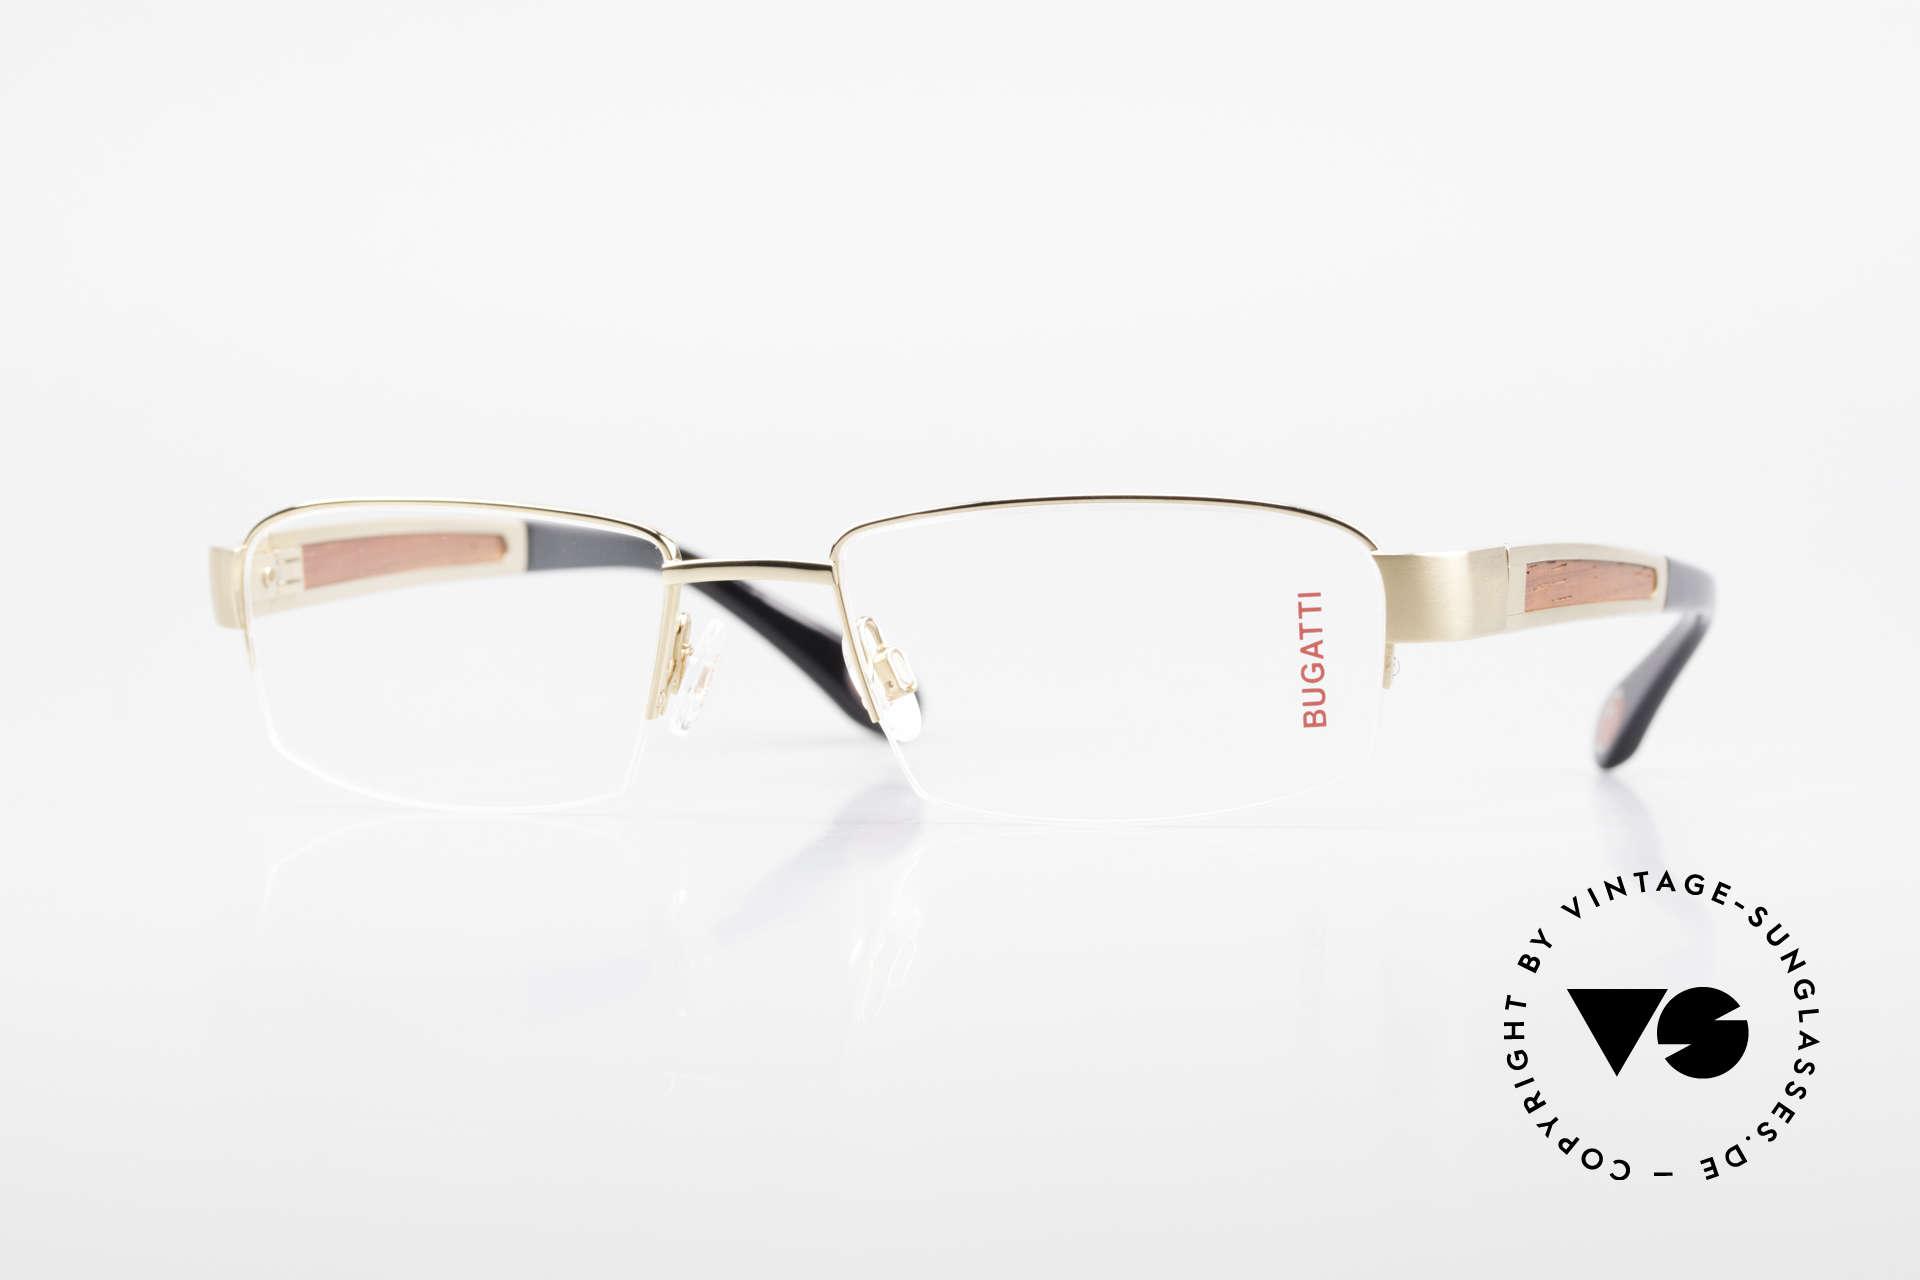 Bugatti 521 Padouk Edelholz Gold Brille, BUGATTI LUXUS-Brille 521 in unfassbarer Qualität, Passend für Herren